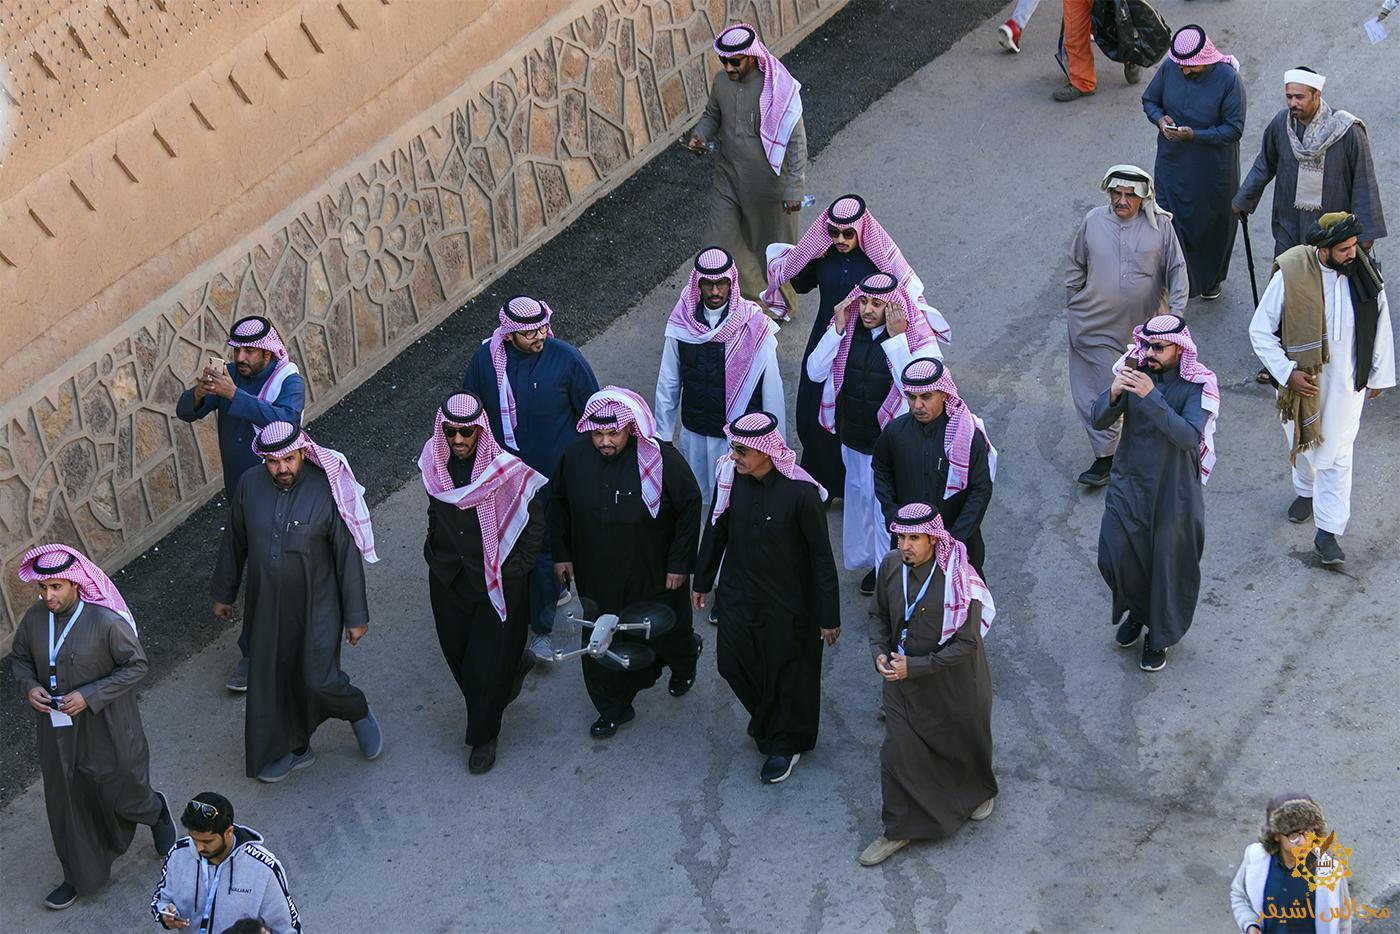 صورة ناصر السيحاني ضيف ربيع أشيقر ، واليوم الرابع يشهد إقبالاً كبيراً